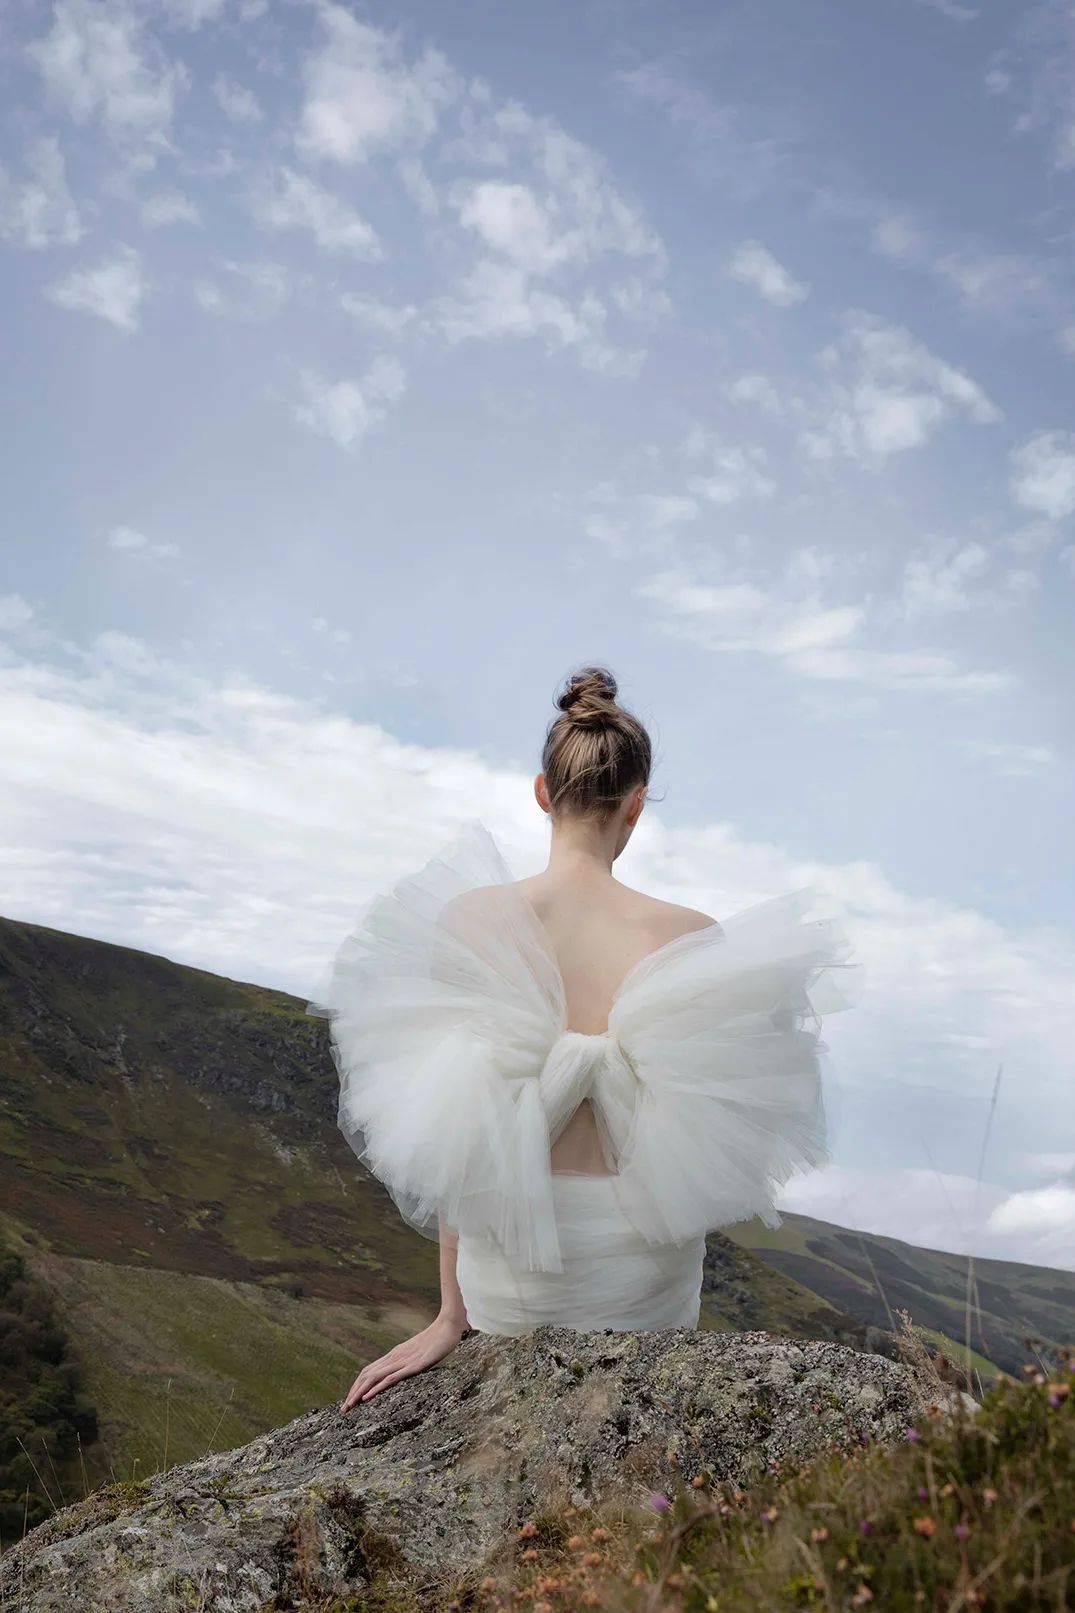 虽然还没想好嫁给谁,我已经想好要穿哪件婚纱了